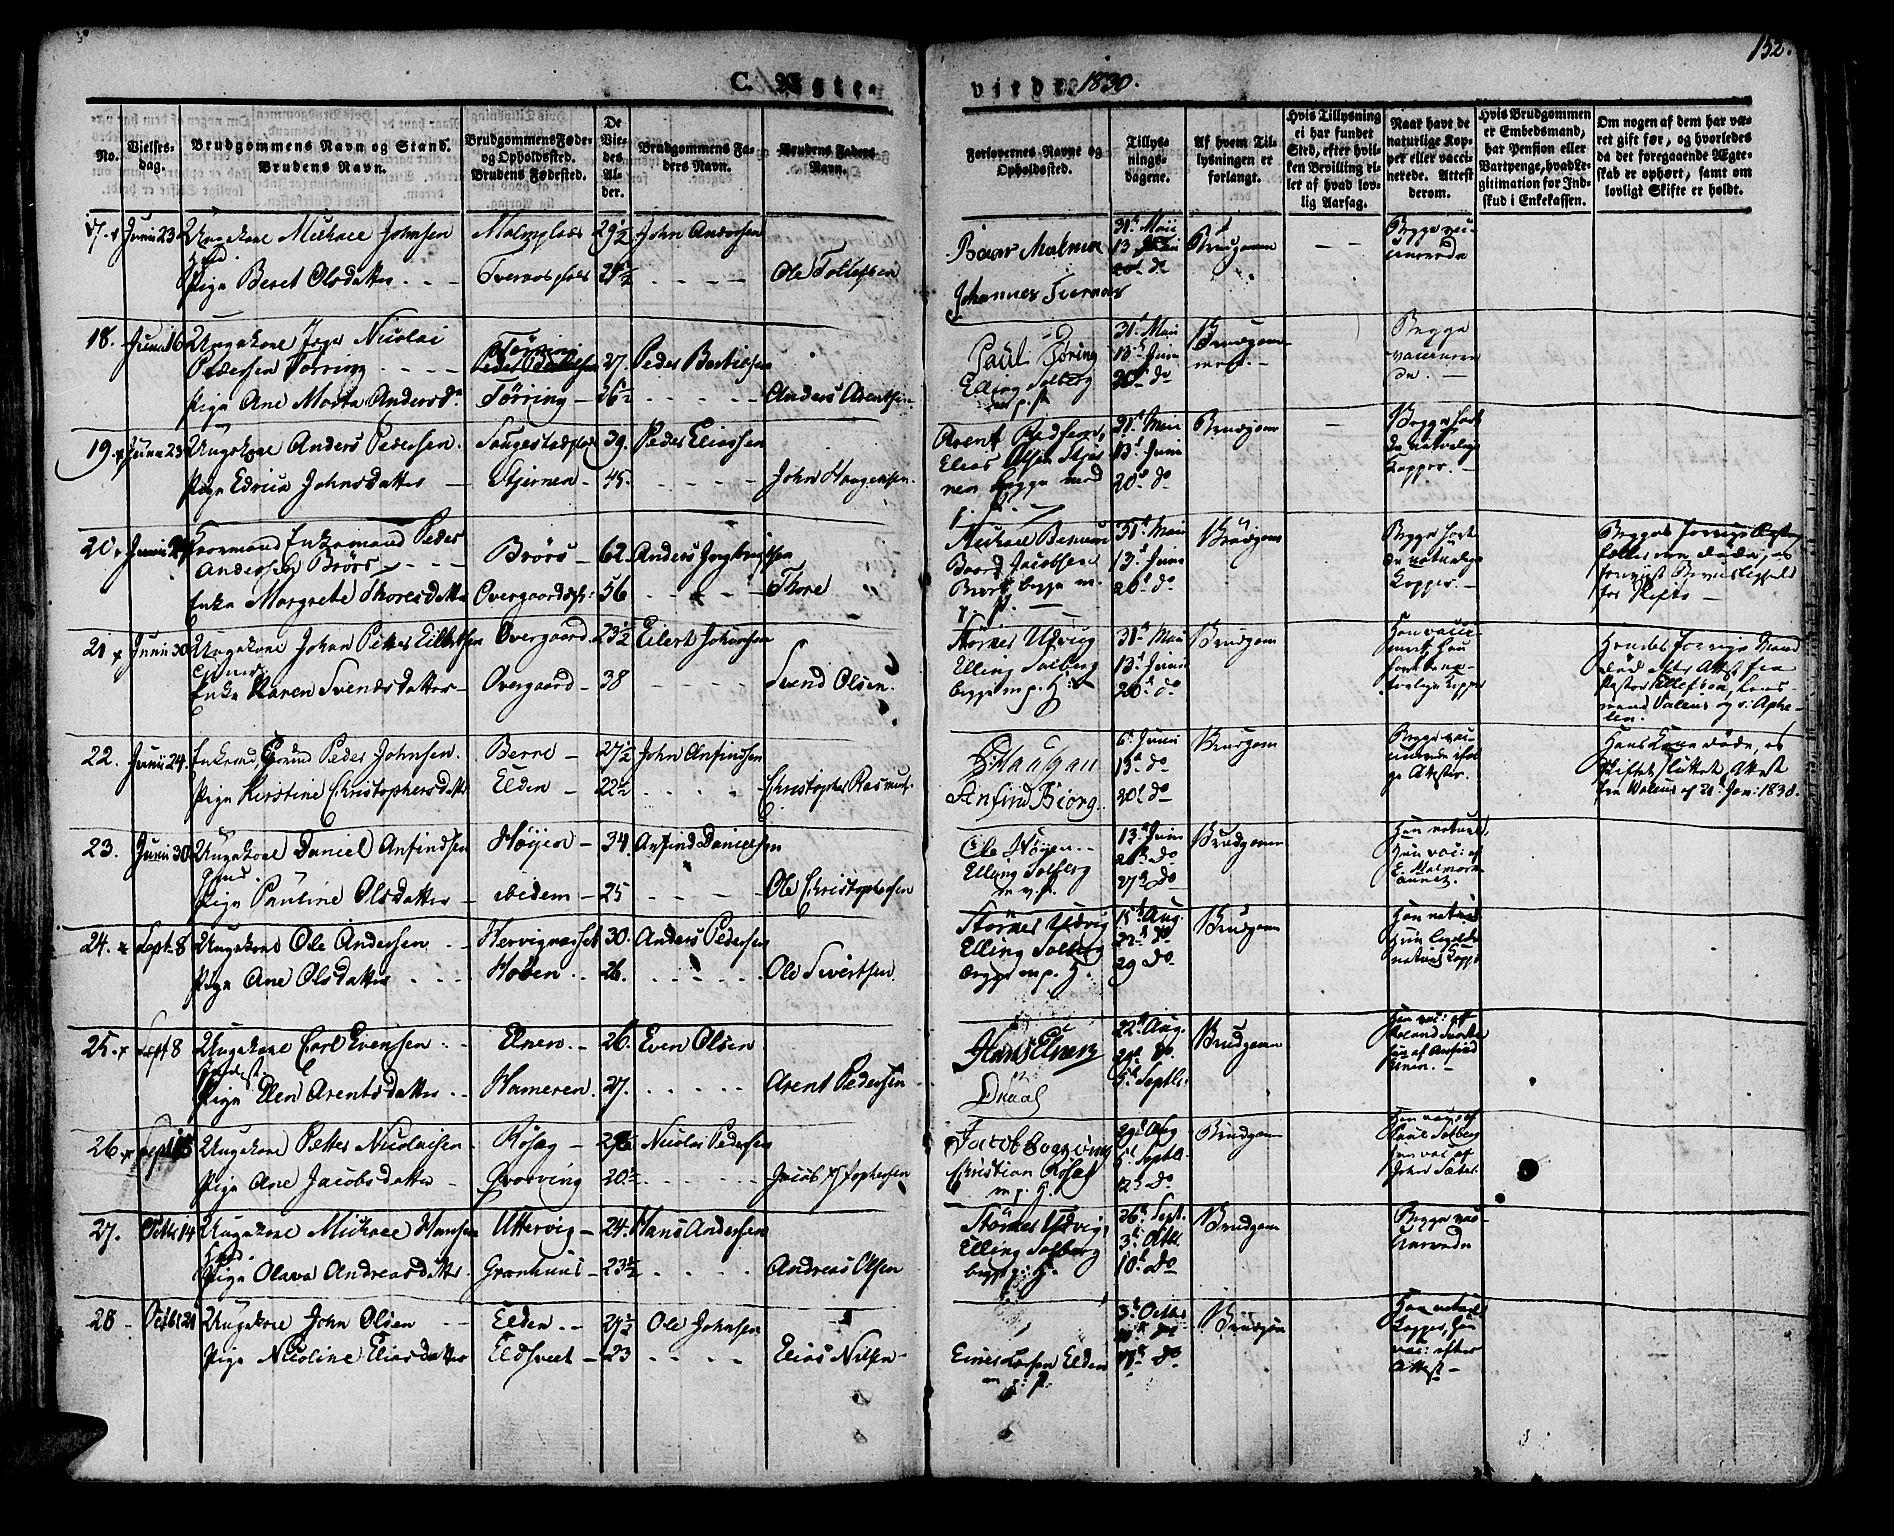 SAT, Ministerialprotokoller, klokkerbøker og fødselsregistre - Nord-Trøndelag, 741/L0390: Ministerialbok nr. 741A04, 1822-1836, s. 152